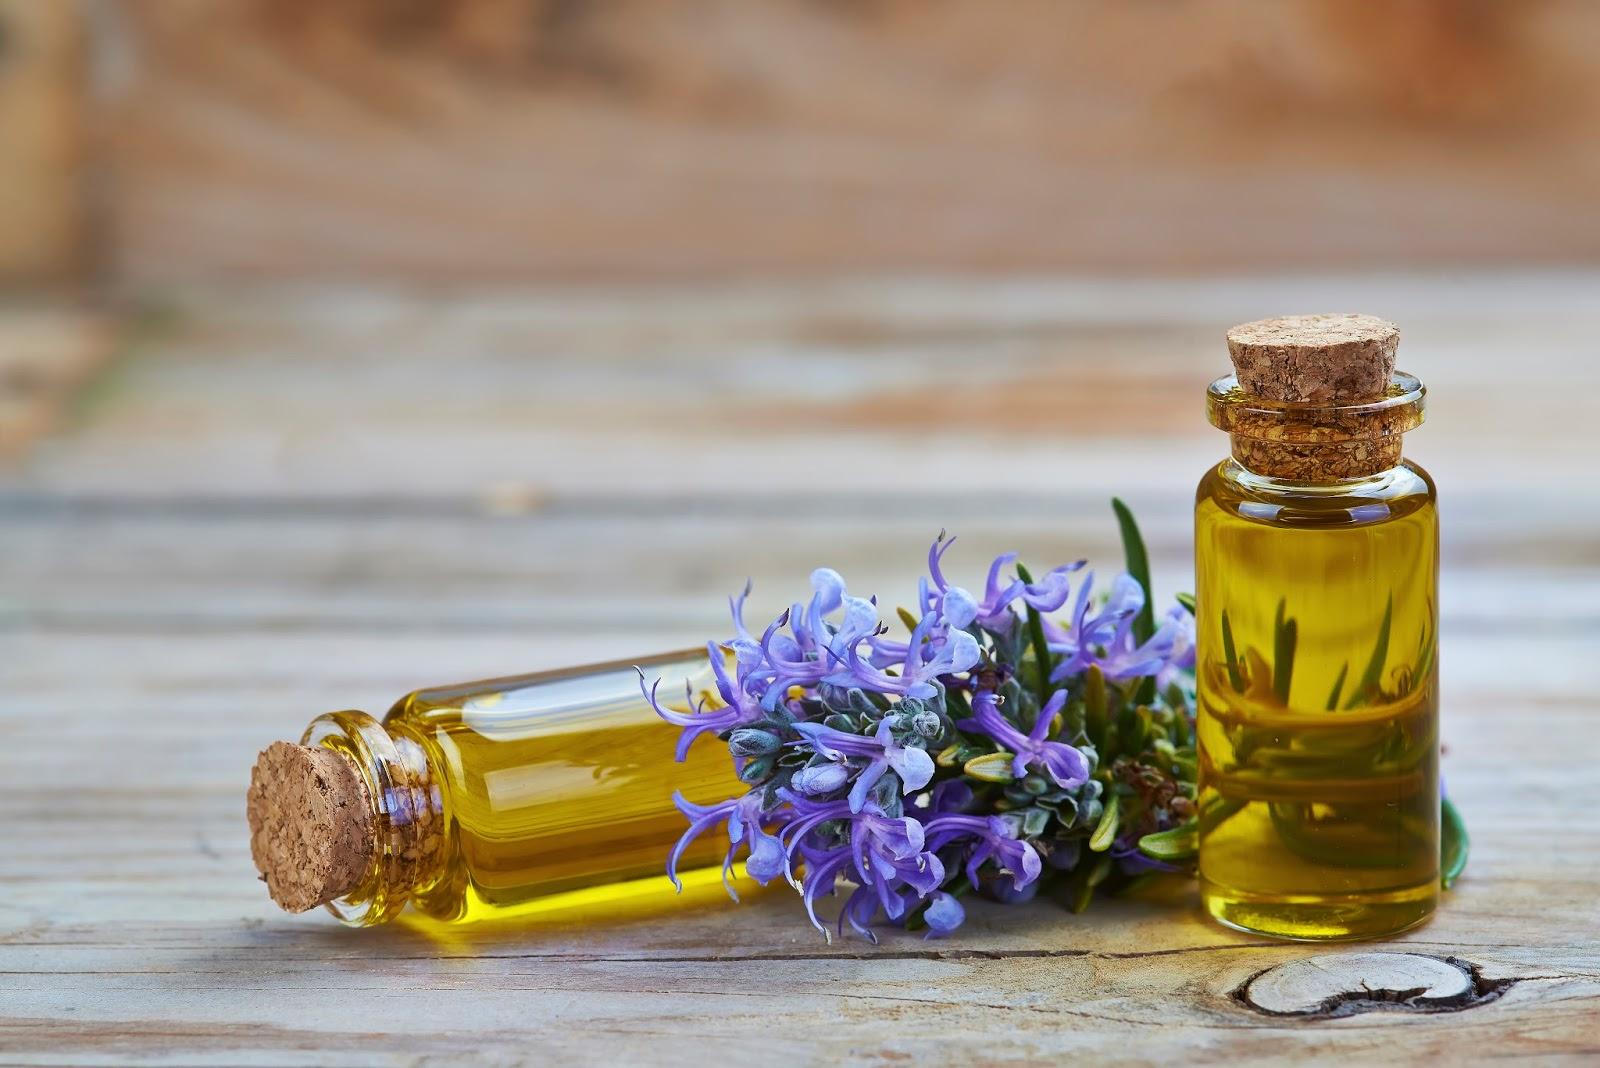 Розмариновое масло – превосходное средство от прыщей